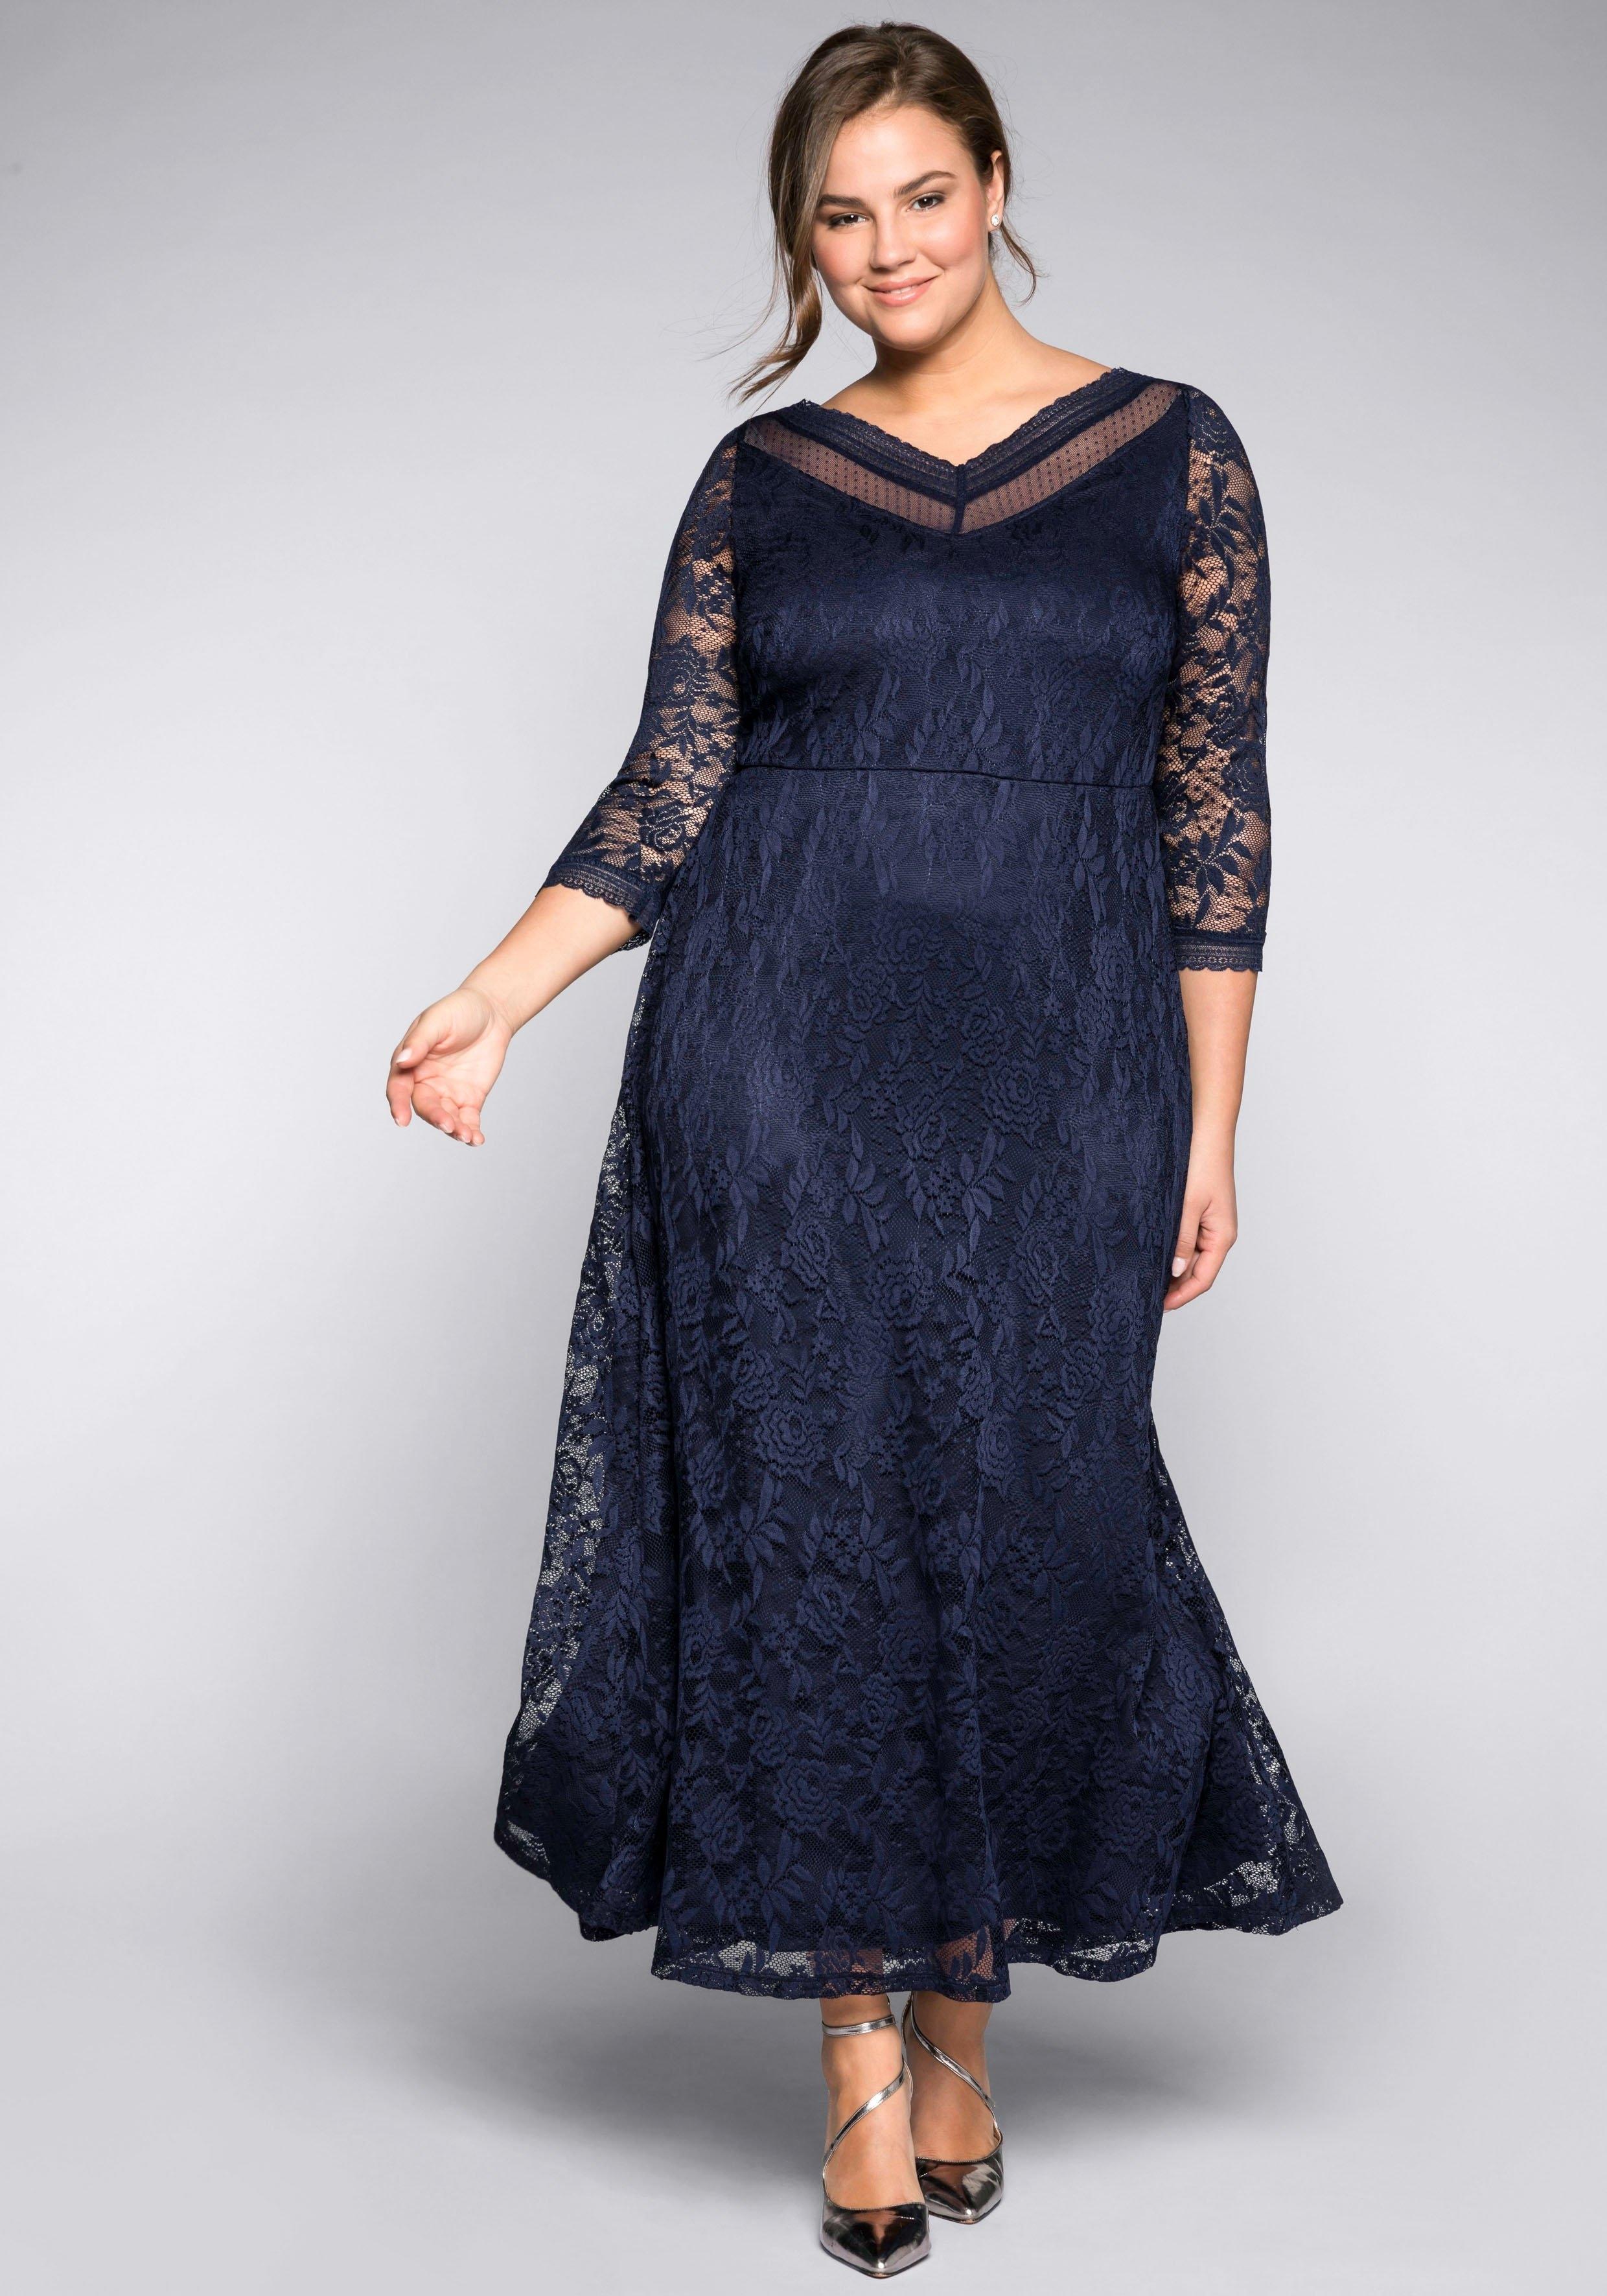 Sheego Style kanten jurk bestellen: 14 dagen bedenktijd